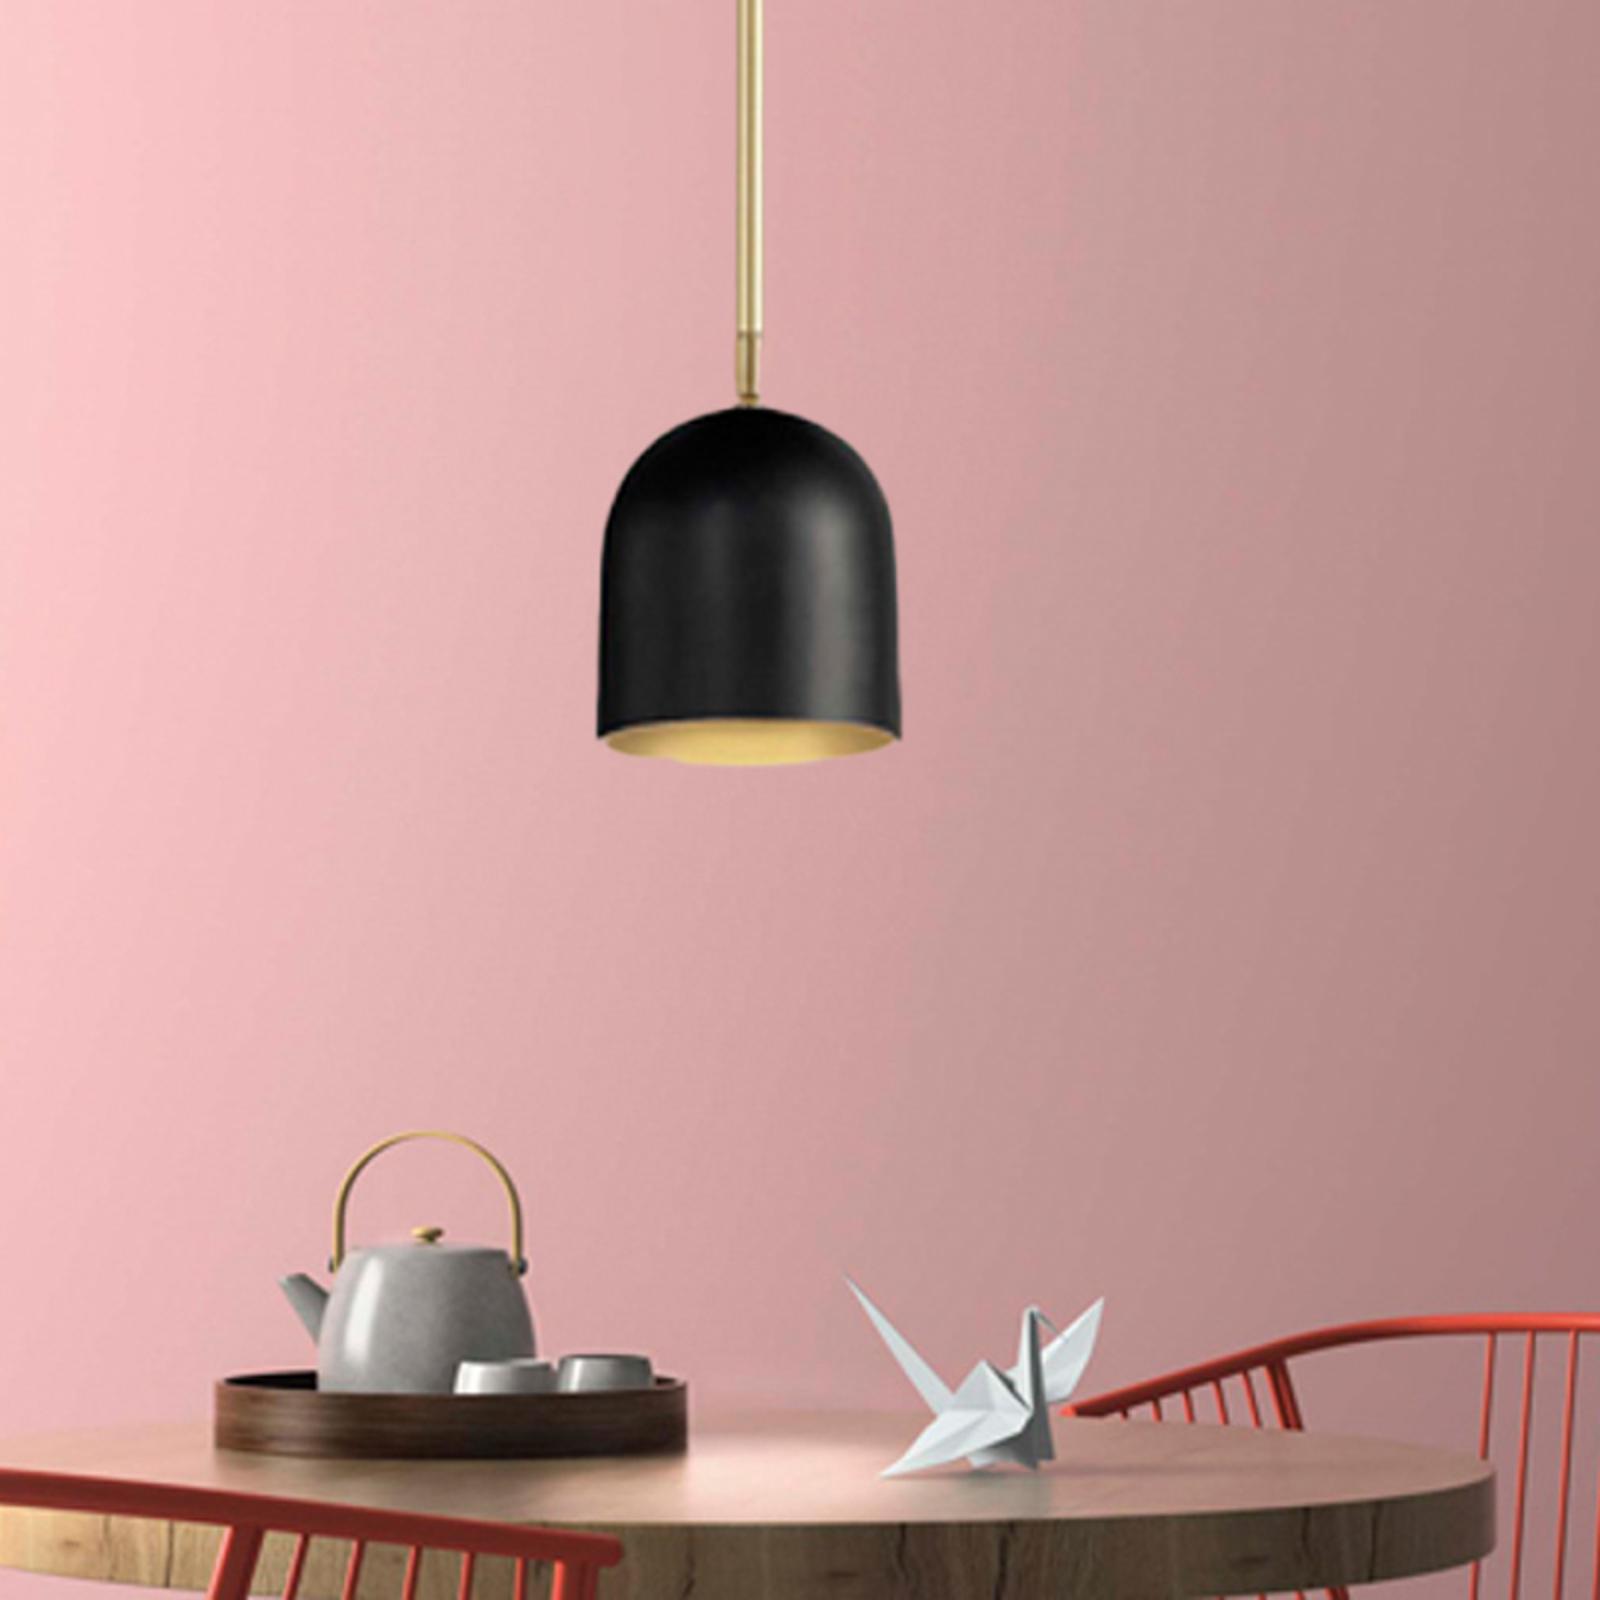 Dome LED-hængelampe, kan drejes 360°, 1 lyskilde